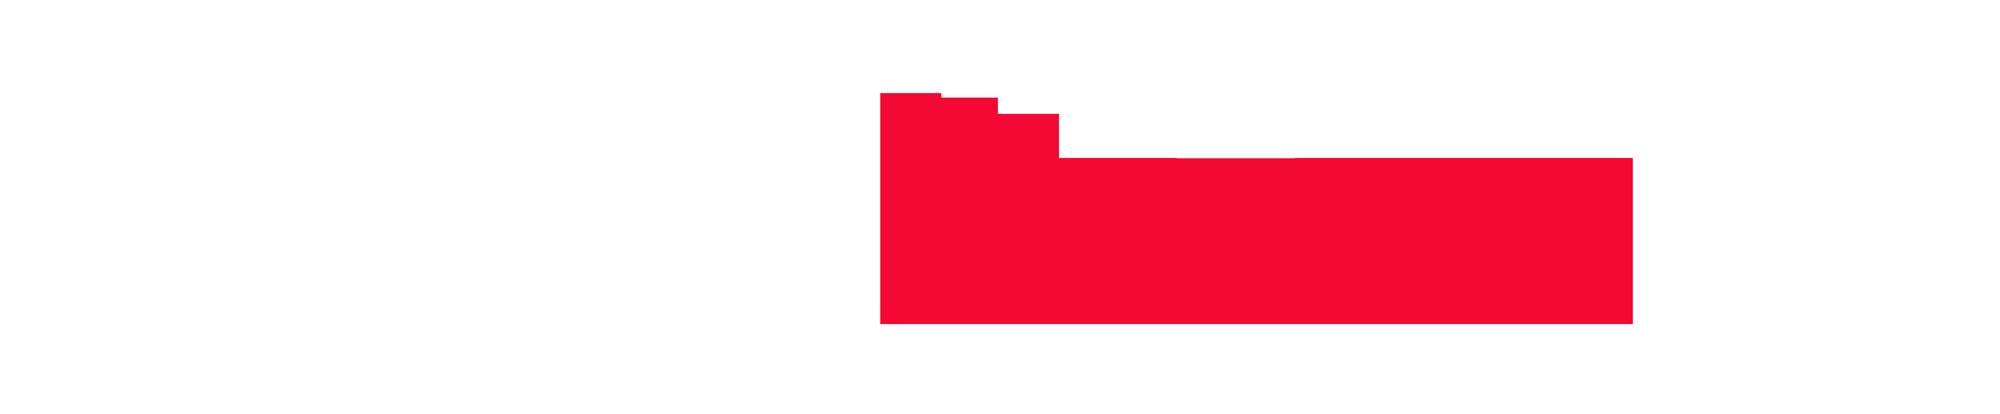 KM Fitness